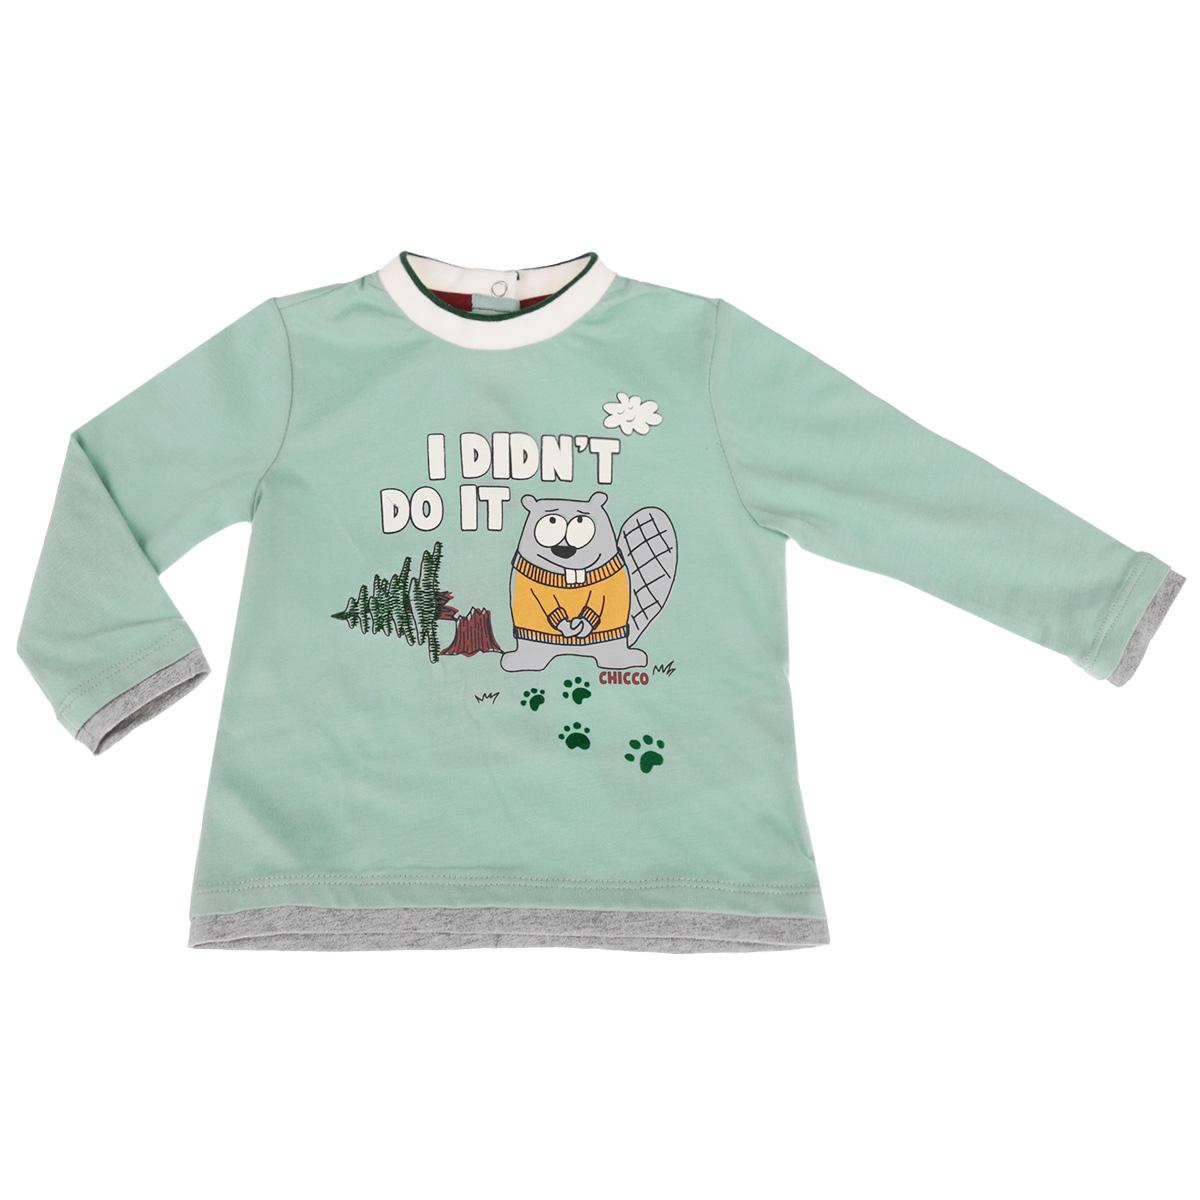 90478330Стильная футболка с длинным рукавом для мальчика Chicco идеально подойдет вашему ребенку. Изготовленная из натурального хлопка, она мягкая и приятная на ощупь, не сковывает движения и позволяет коже дышать, не раздражает даже самую нежную и чувствительную кожу ребенка, обеспечивая наибольший комфорт. Футболка с длинными рукавами и небольшим воротником-стоечкой по спинке застегивается на три металлические застежки-кнопки, что помогает с легкостью переодеть ребенка. Модель оформлена термоаппликацией с изображением забавного бобра, вышитой елочкой, а также рельефными надписями на английском языке. Воротник дополнен трикотажной эластичной резинкой. Отделка рукавов и низа изделия придает эффект 2 в 1. Современный дизайн и модная расцветка делают эту футболку стильным предметом детского гардероба. В ней ваш маленький мужчина будет чувствовать себя уютно и комфортно, и всегда будет в центре внимания!